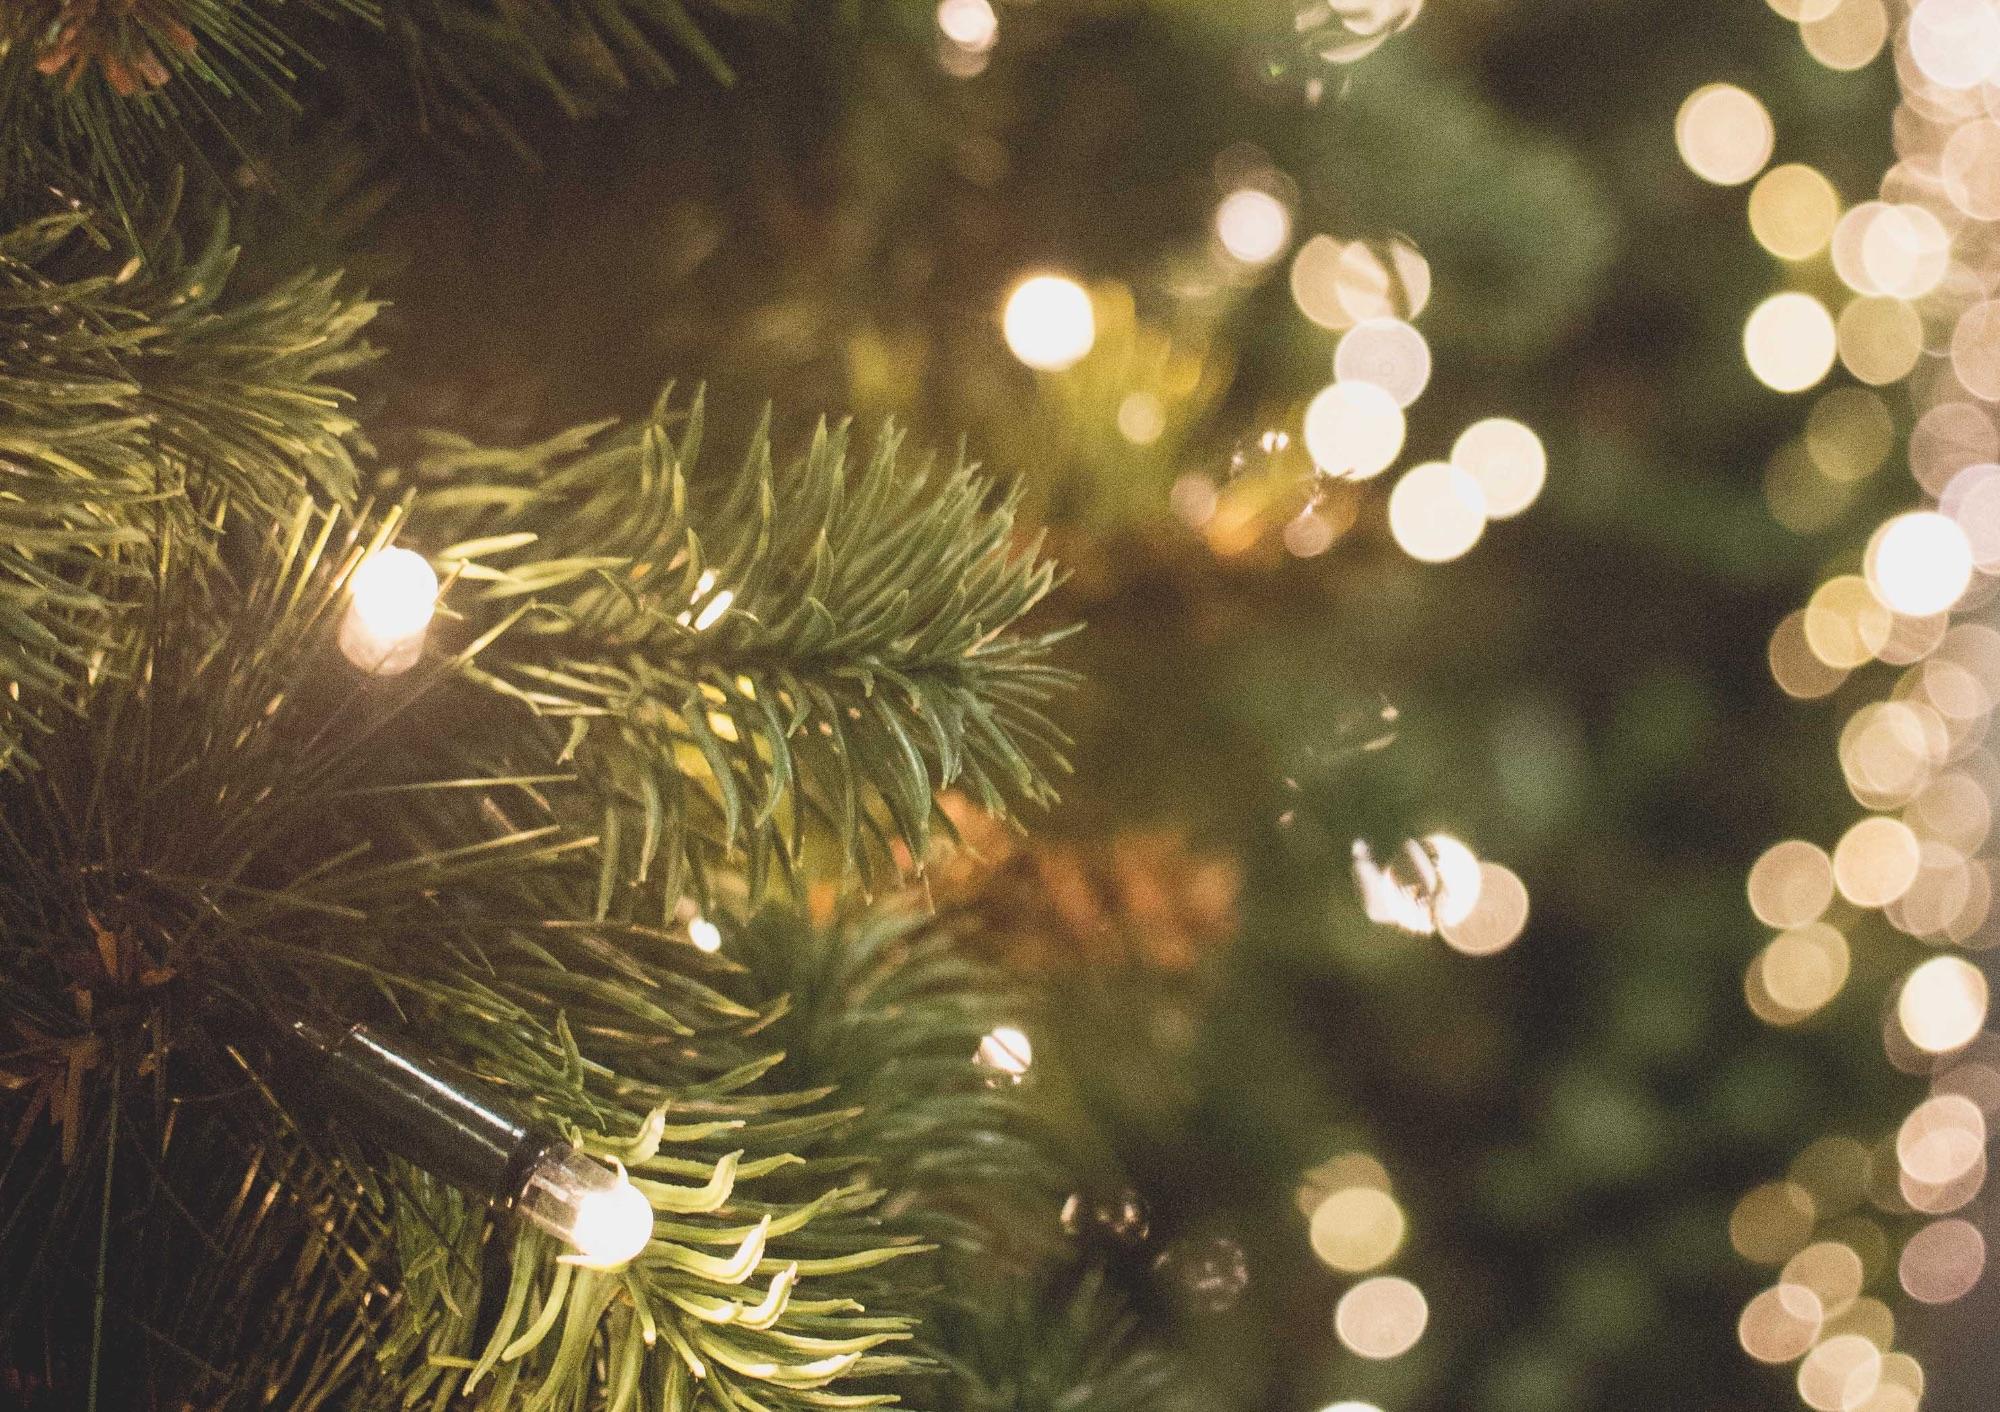 picography-christmas-lights-2.jpg